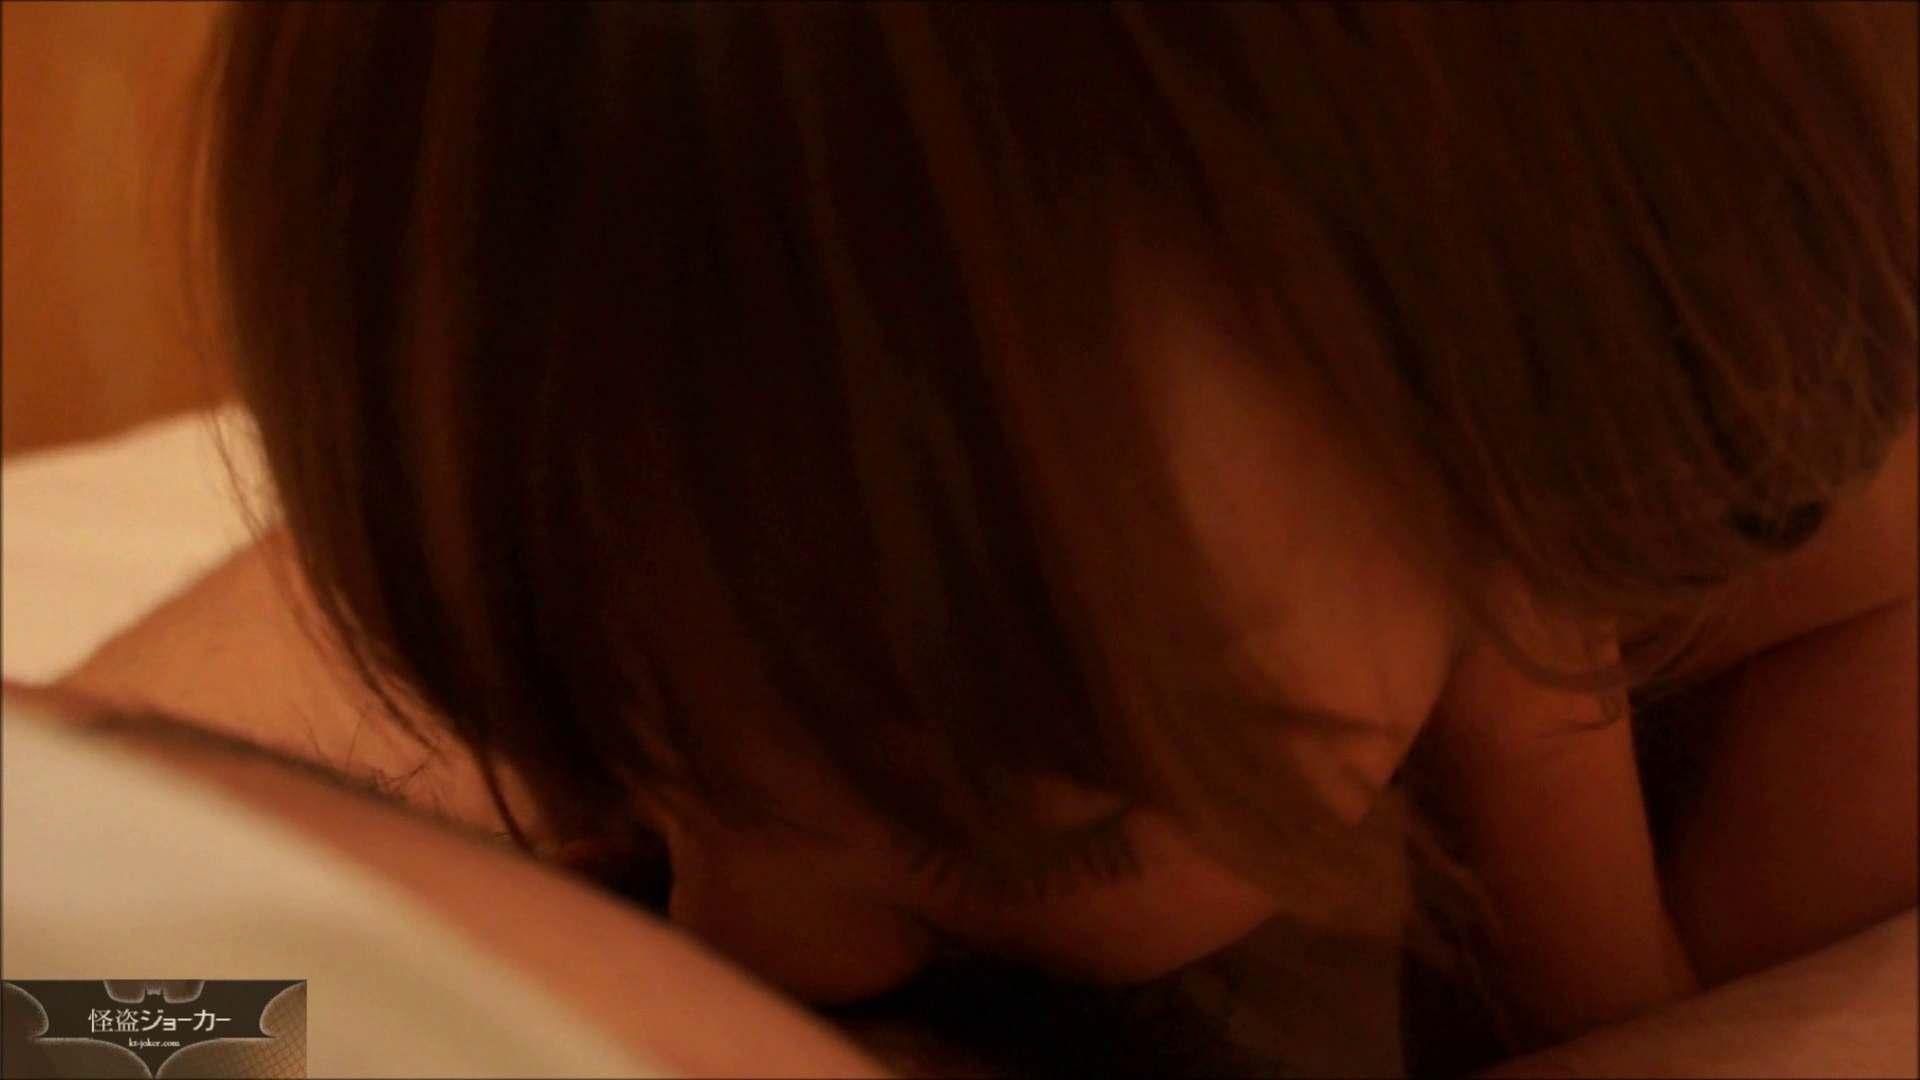 【未公開】vol.37 【援助】朋葉ちゃん、連続潮吹き・後背位で突きまくり。 アナルDEセックス   潮吹き  90連発 37